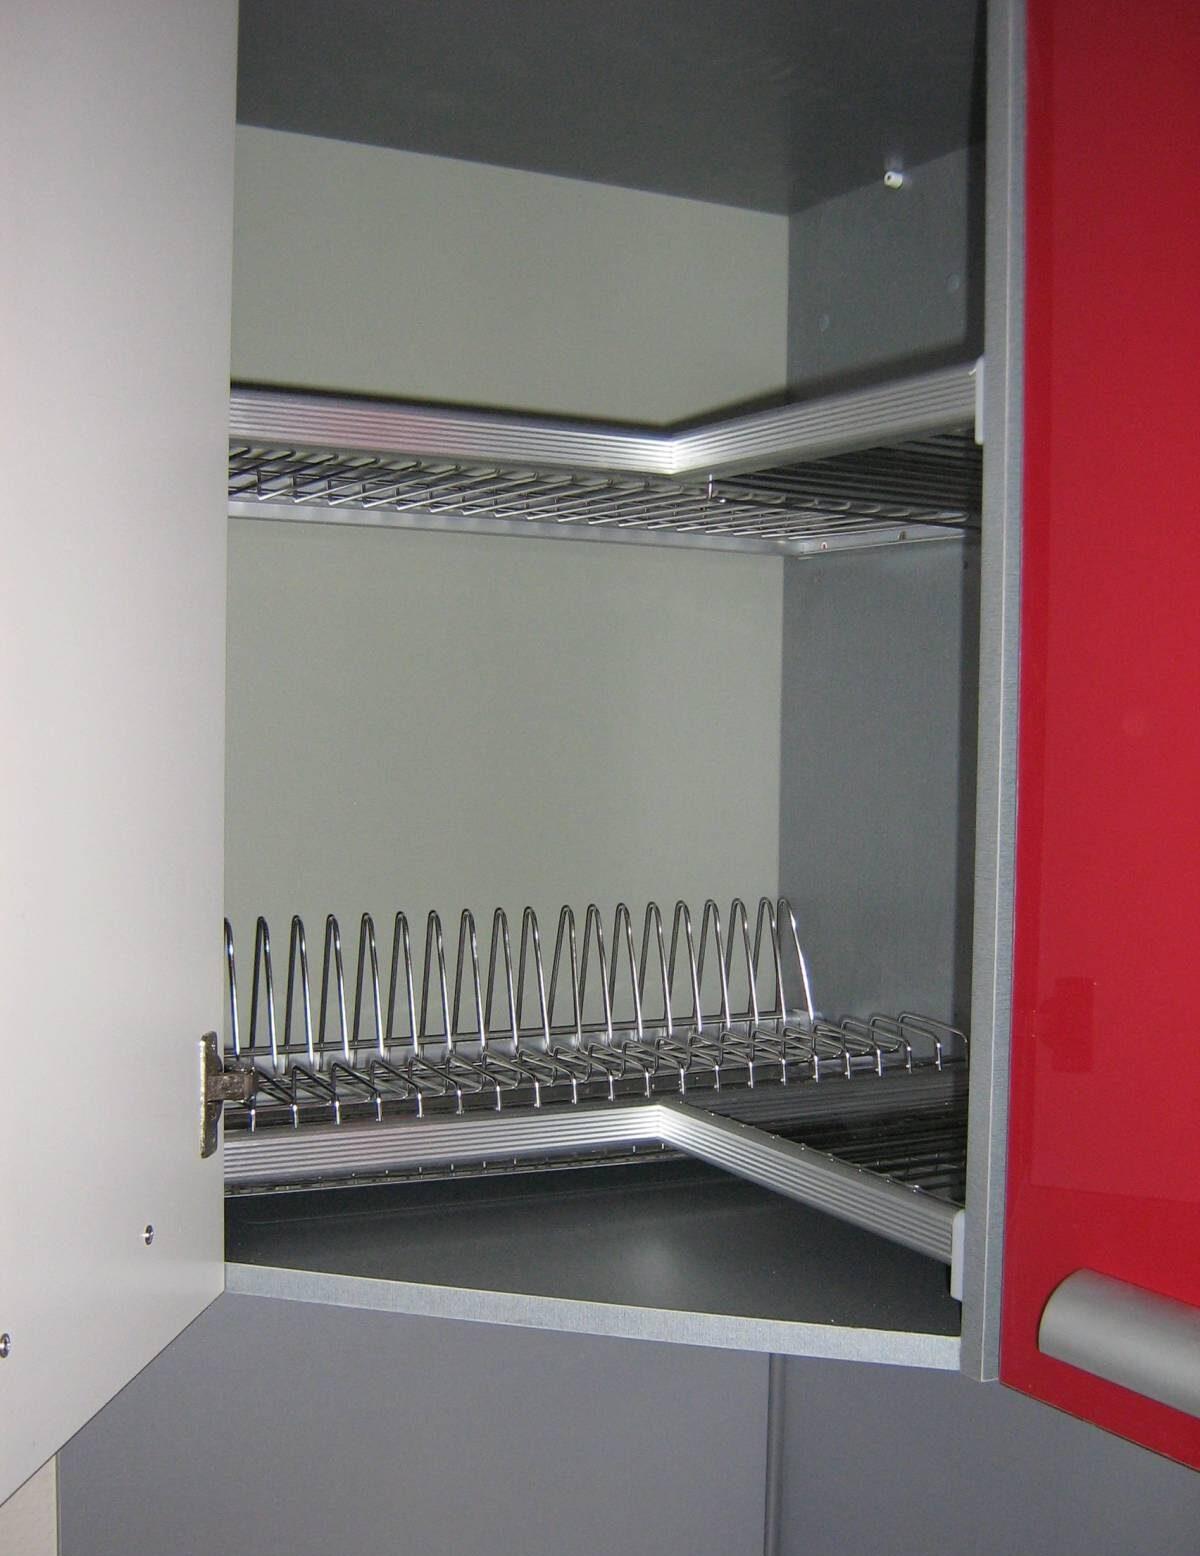 угловая сушилка для посуды дизайн фото